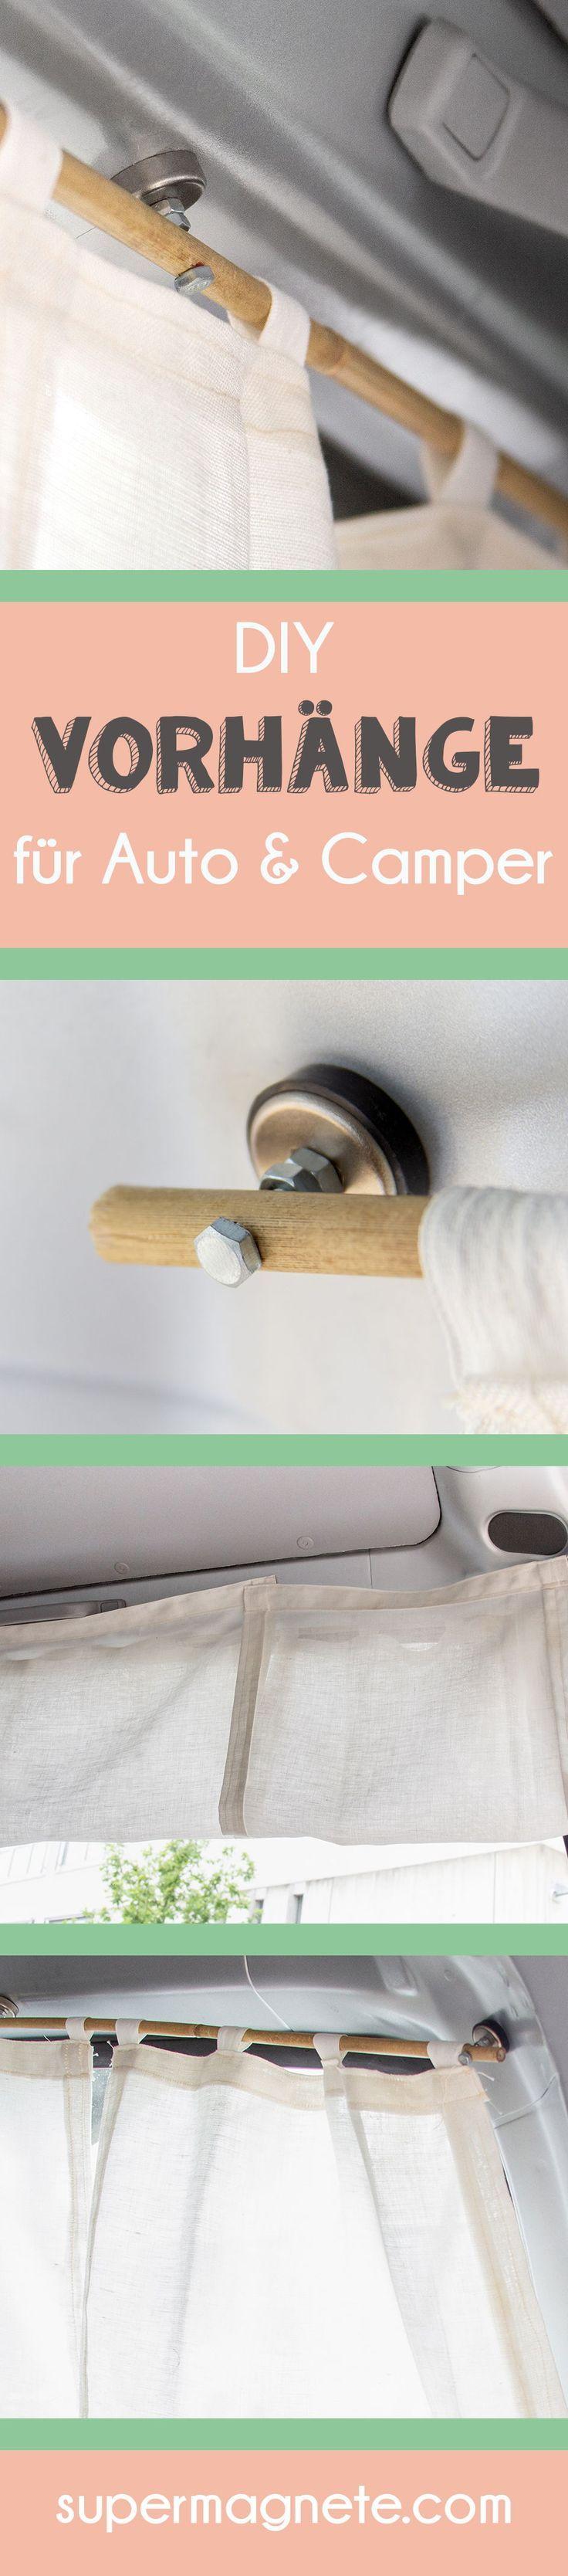 Camper-Ausbau – Magnetische Vorhänge für Auto & Camper: Zuverlässiger Sichtsc…